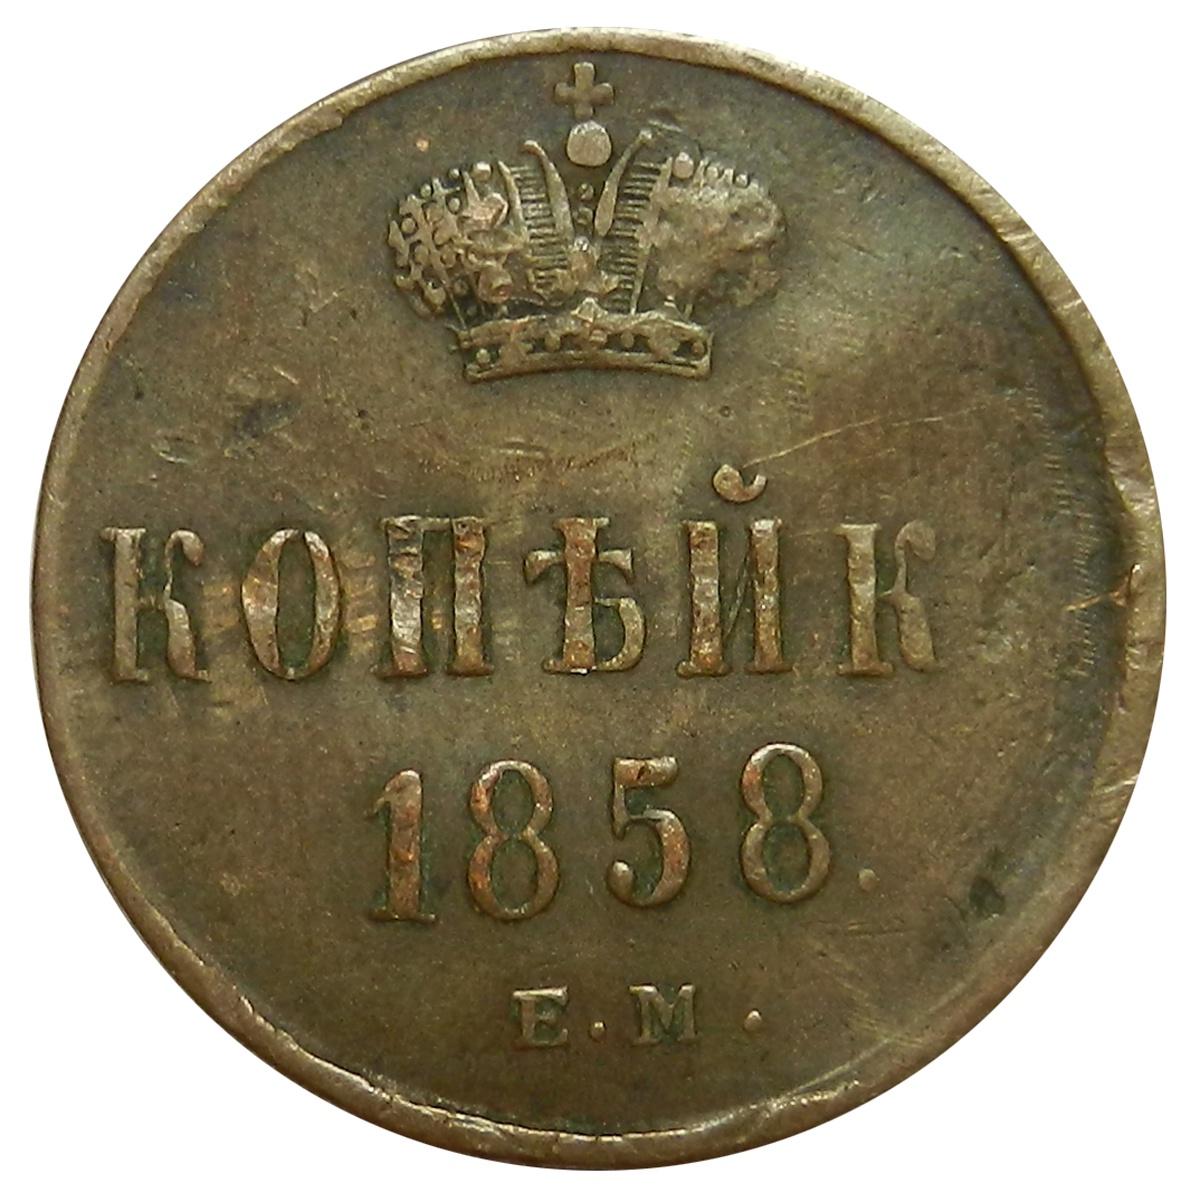 Монета Копейка. Медь. Российская Империя, 1858 год (ЕМ) VF+